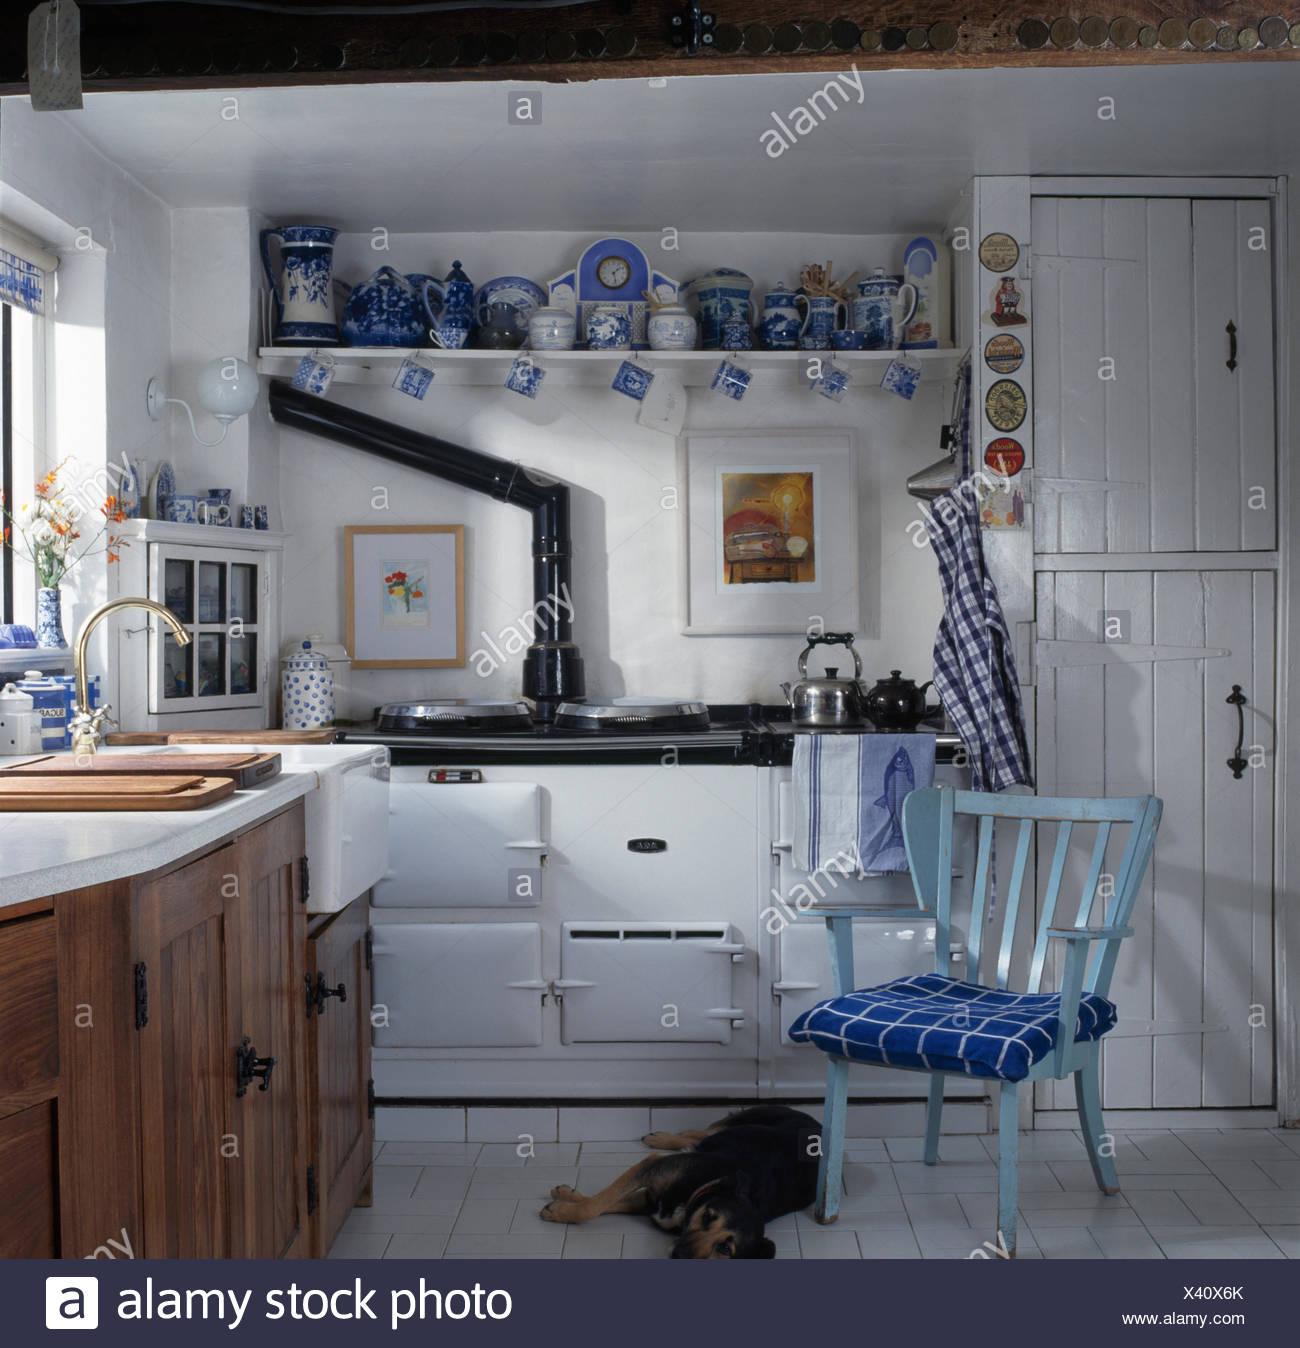 Blassen Blauen Stuhl In Weissen Cottage Kuche Mit Einer Sammlung Von